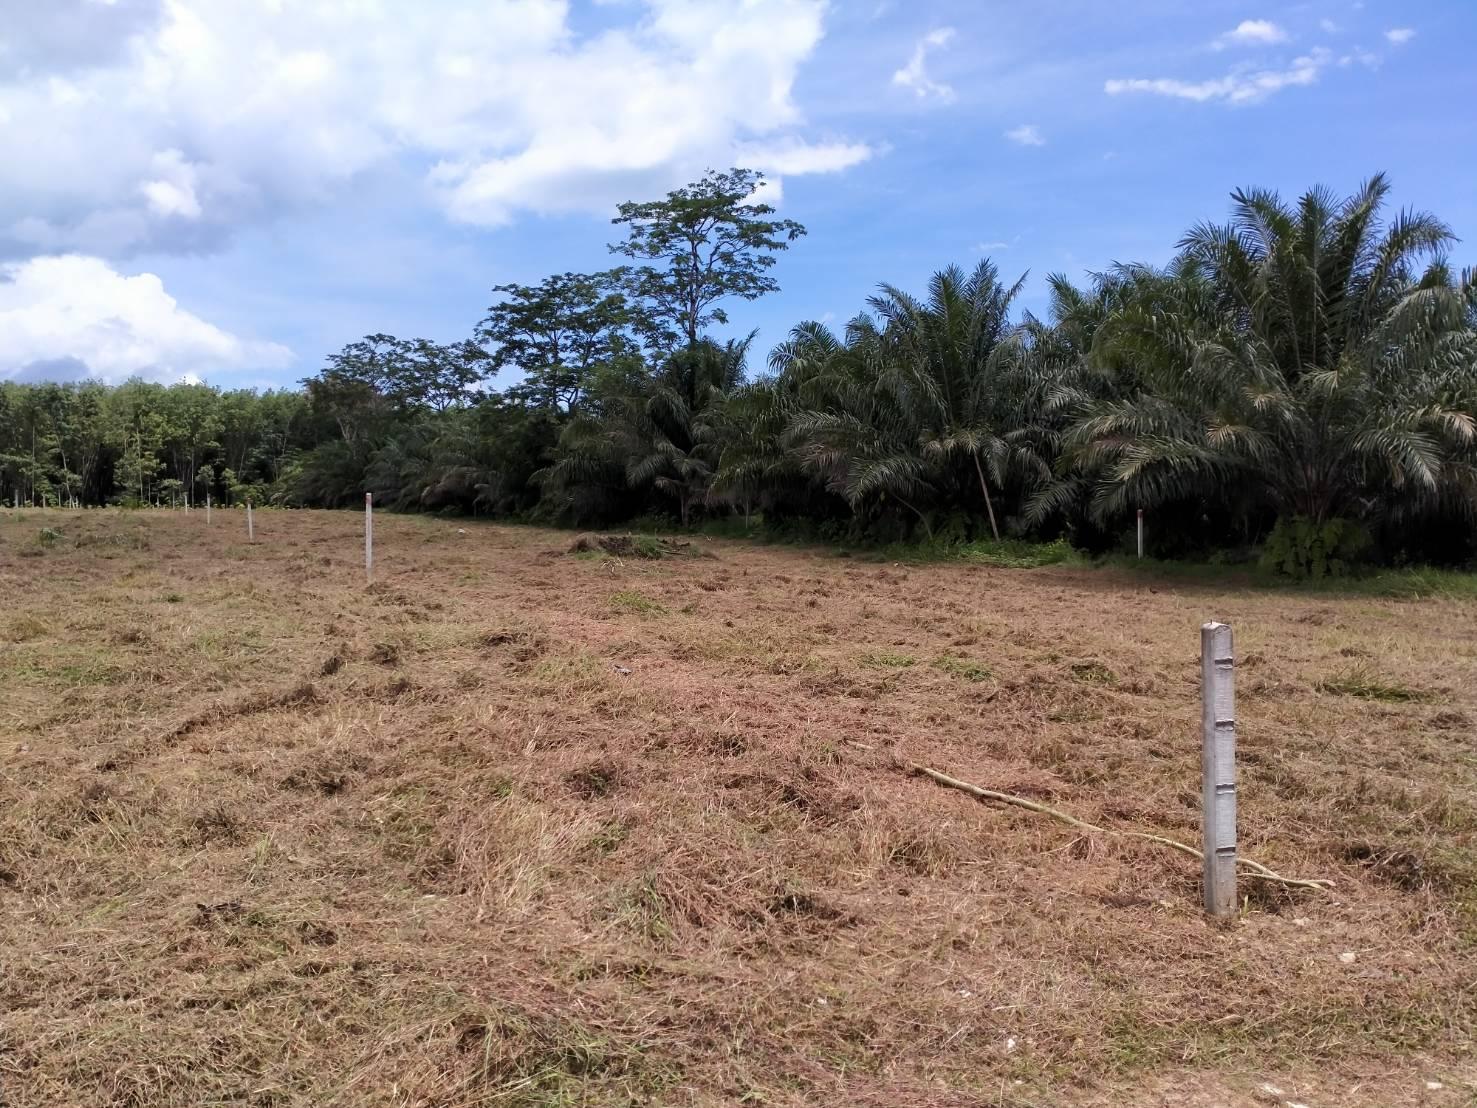 Beau terrain à vendre, valeur d'investissement. 5 minutes à pied des plages de Khaolak.